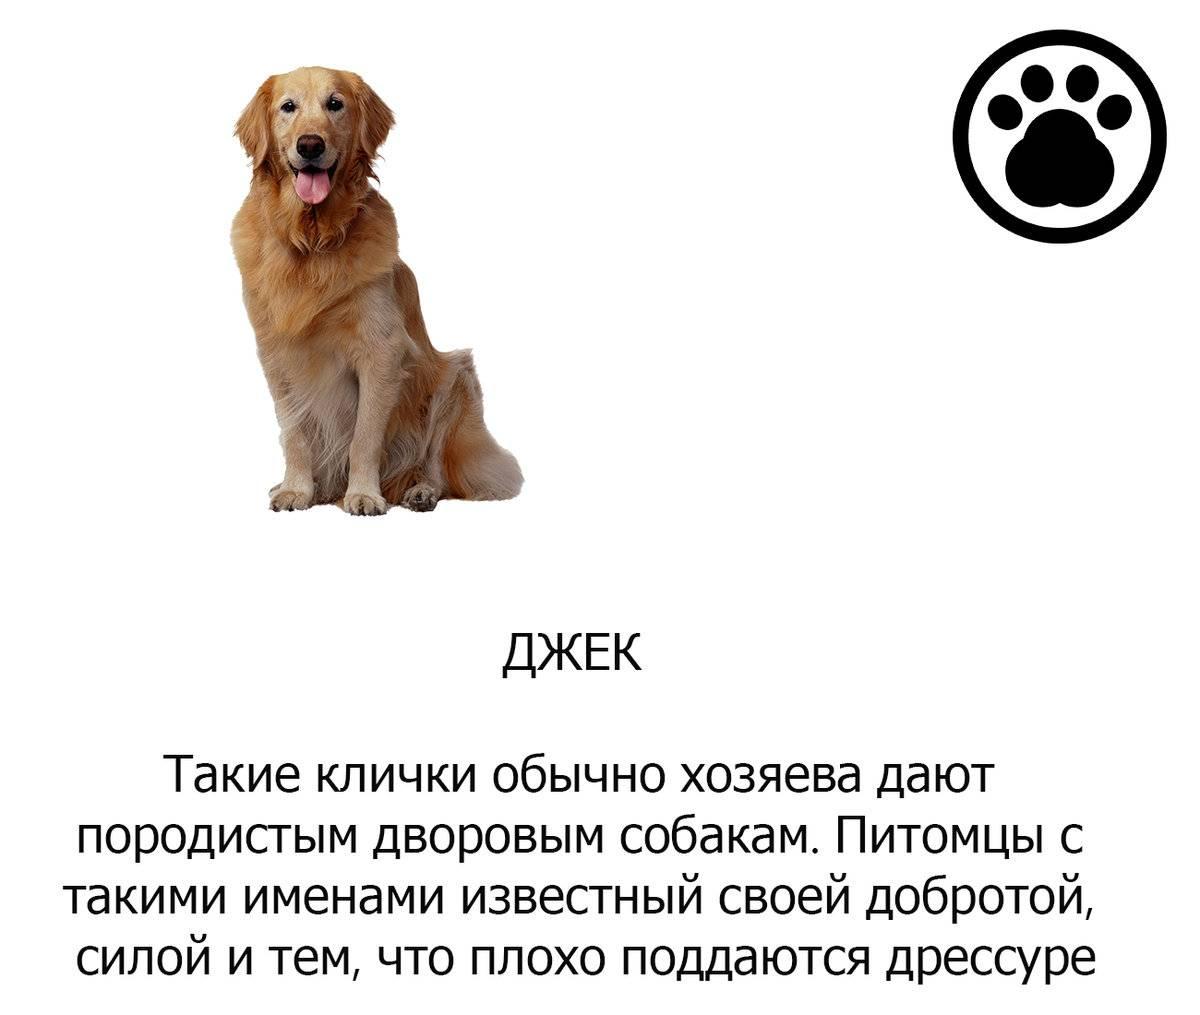 Как выбрать кличку для собаки-мальчика?